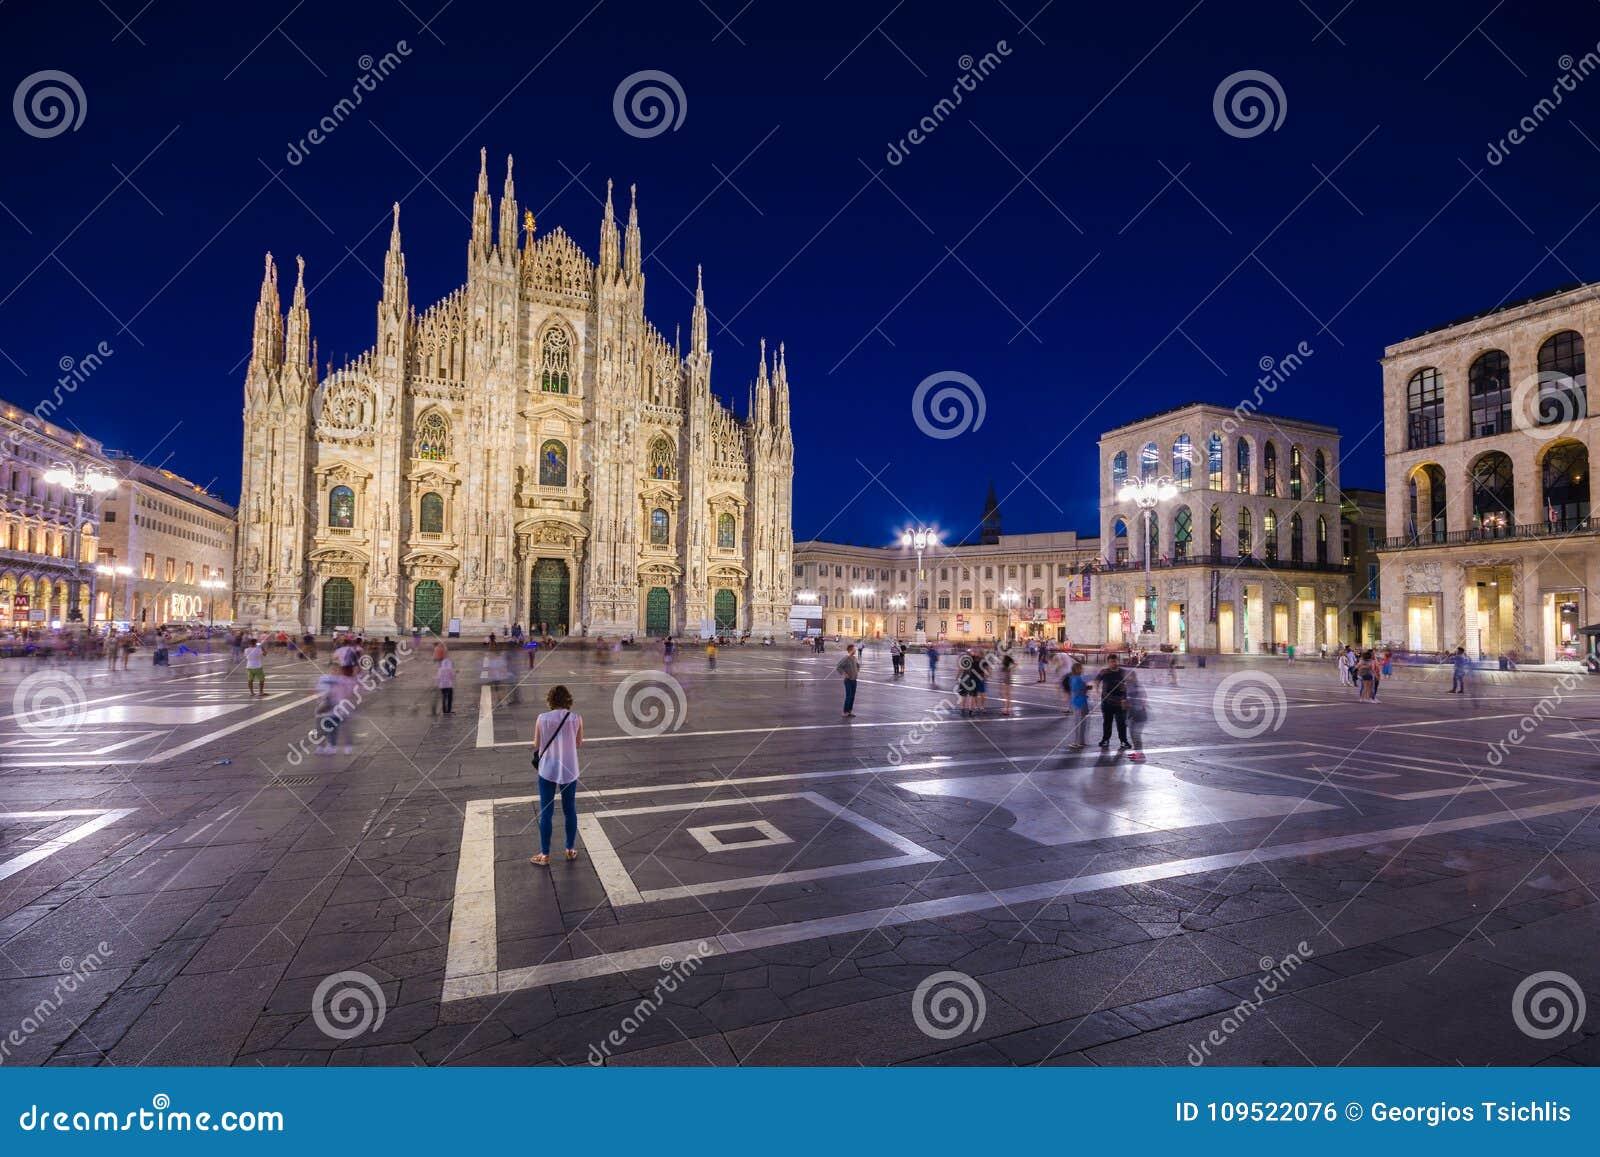 Galleria Vittorio Emanuele II Piazza del Duomo en la noche, Milán, Lombardia, Italia